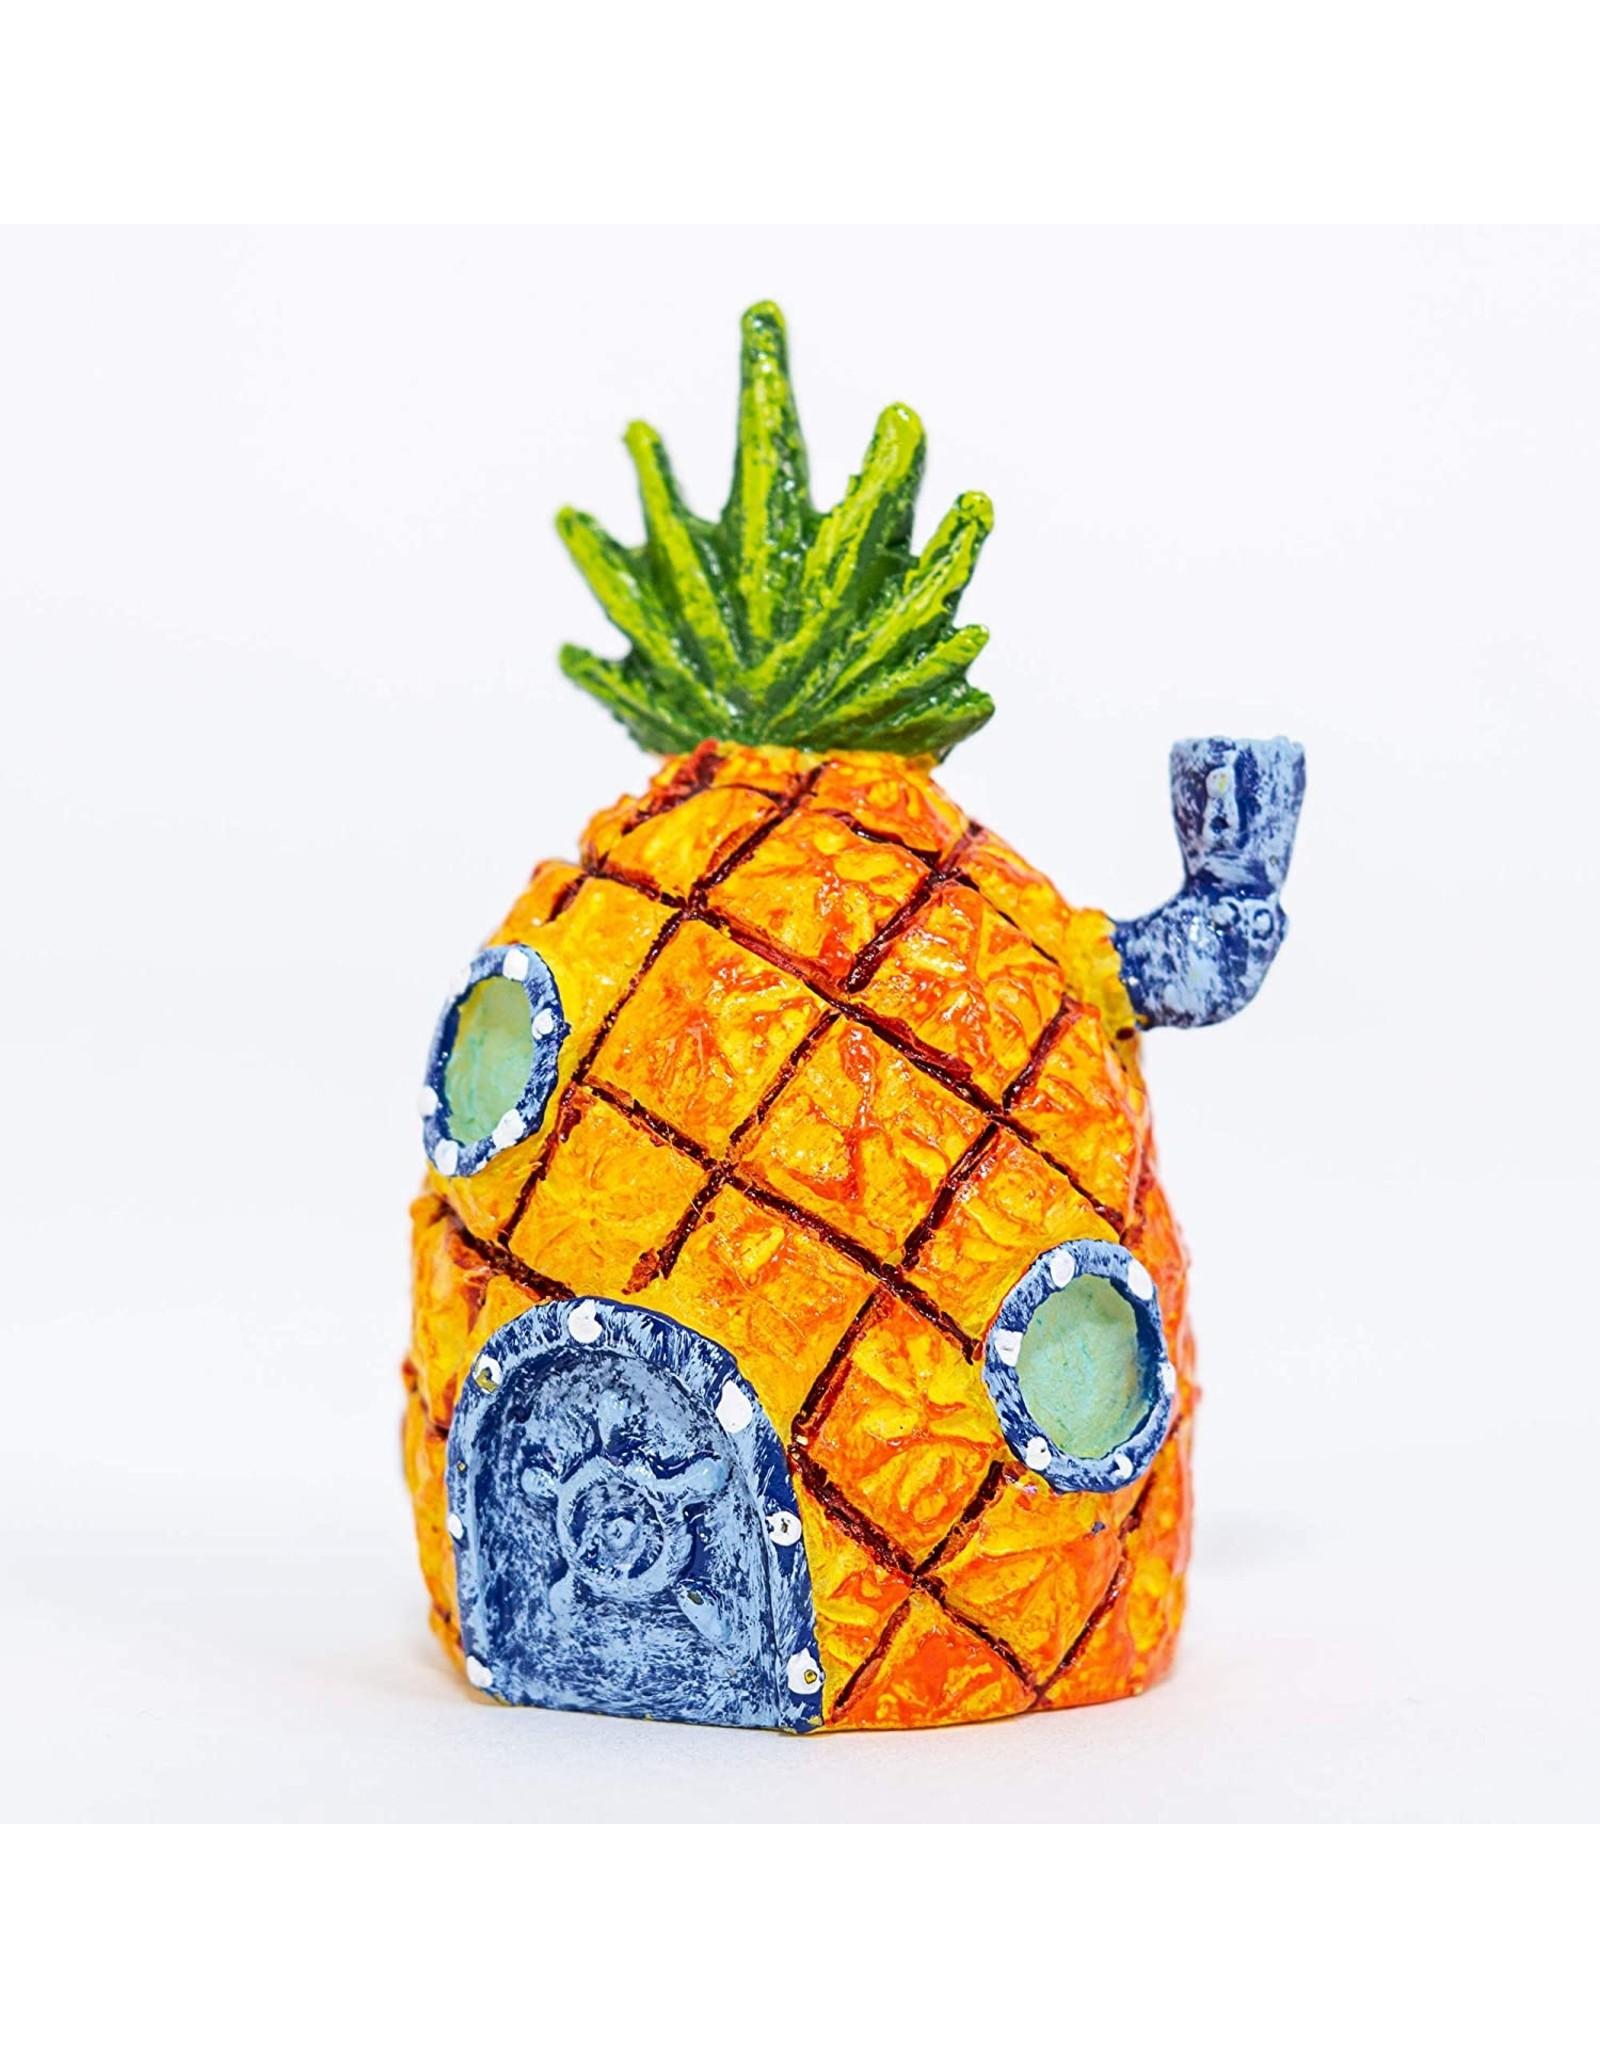 Penn Plax PENN PLAX Spongebob Ornament Mini Pineapple Licensed